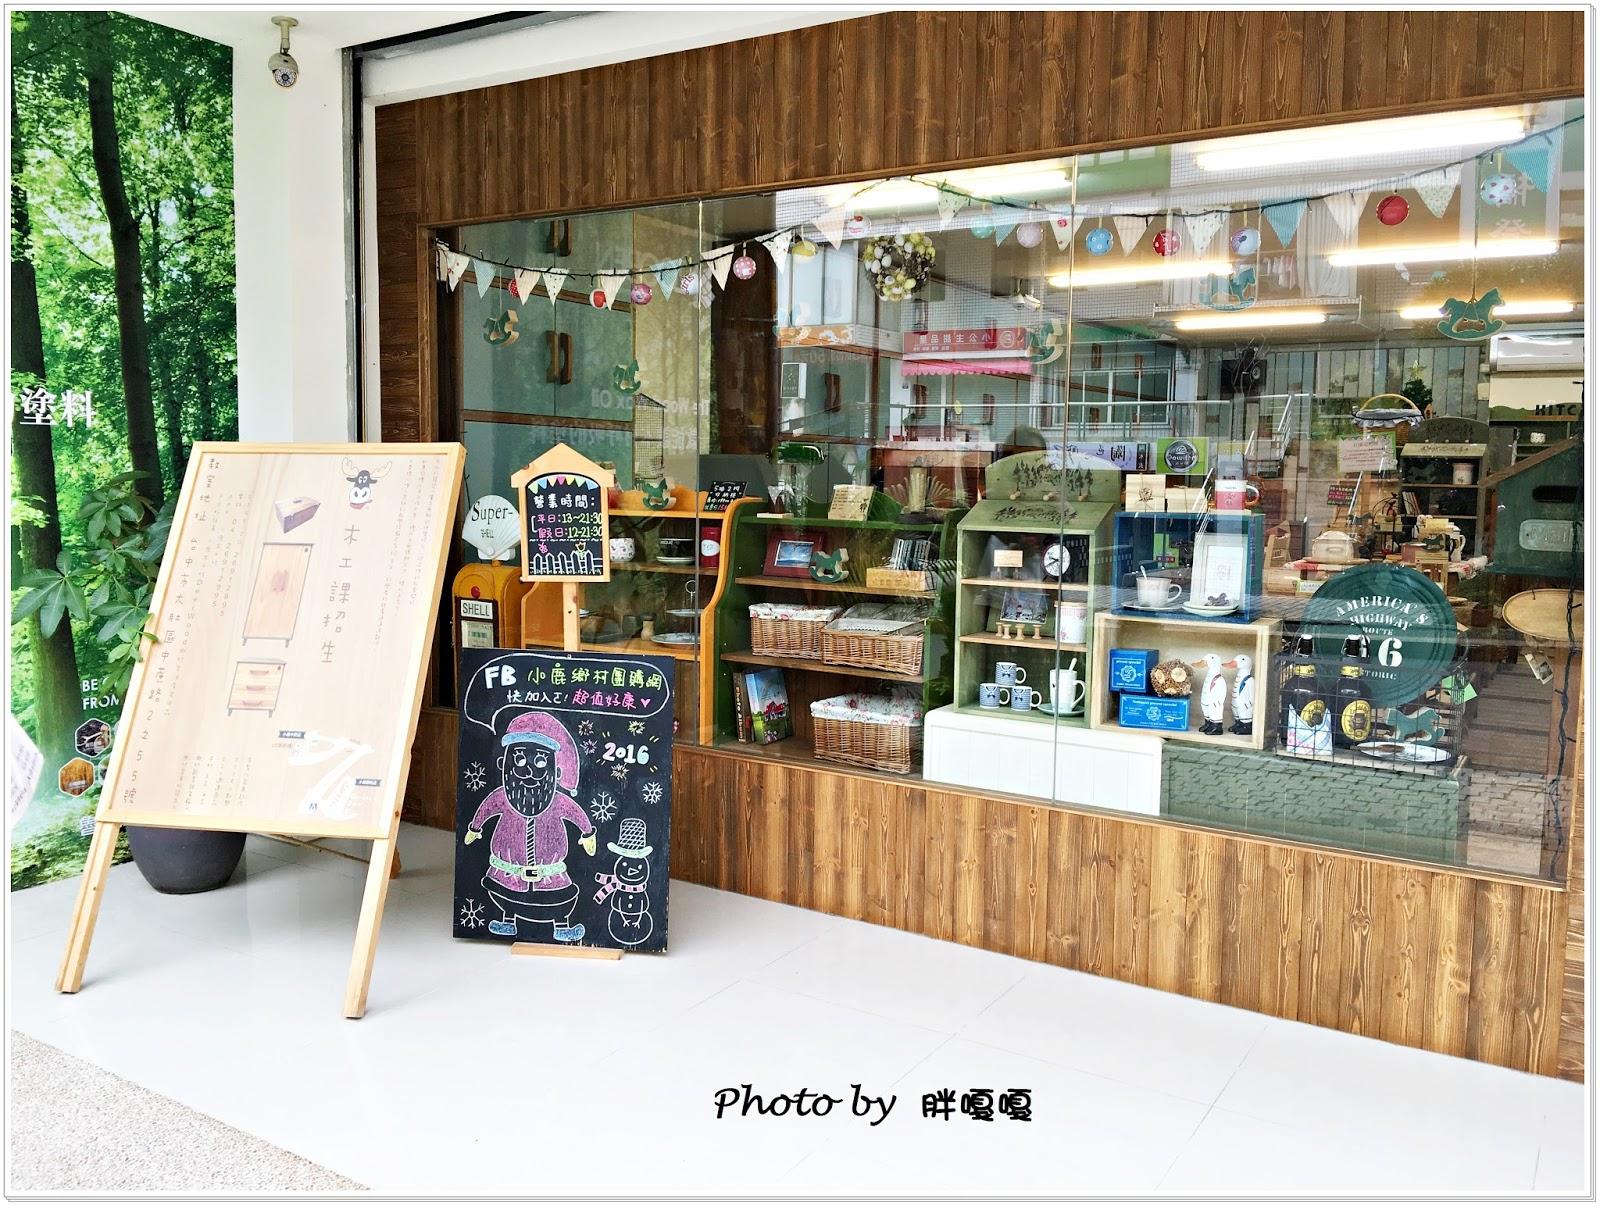 【臺中 龍井】小鹿鄉村家具店!!Deer Wood東海藝術街內的新嬌點!!一起來玩手做木工喔^__^